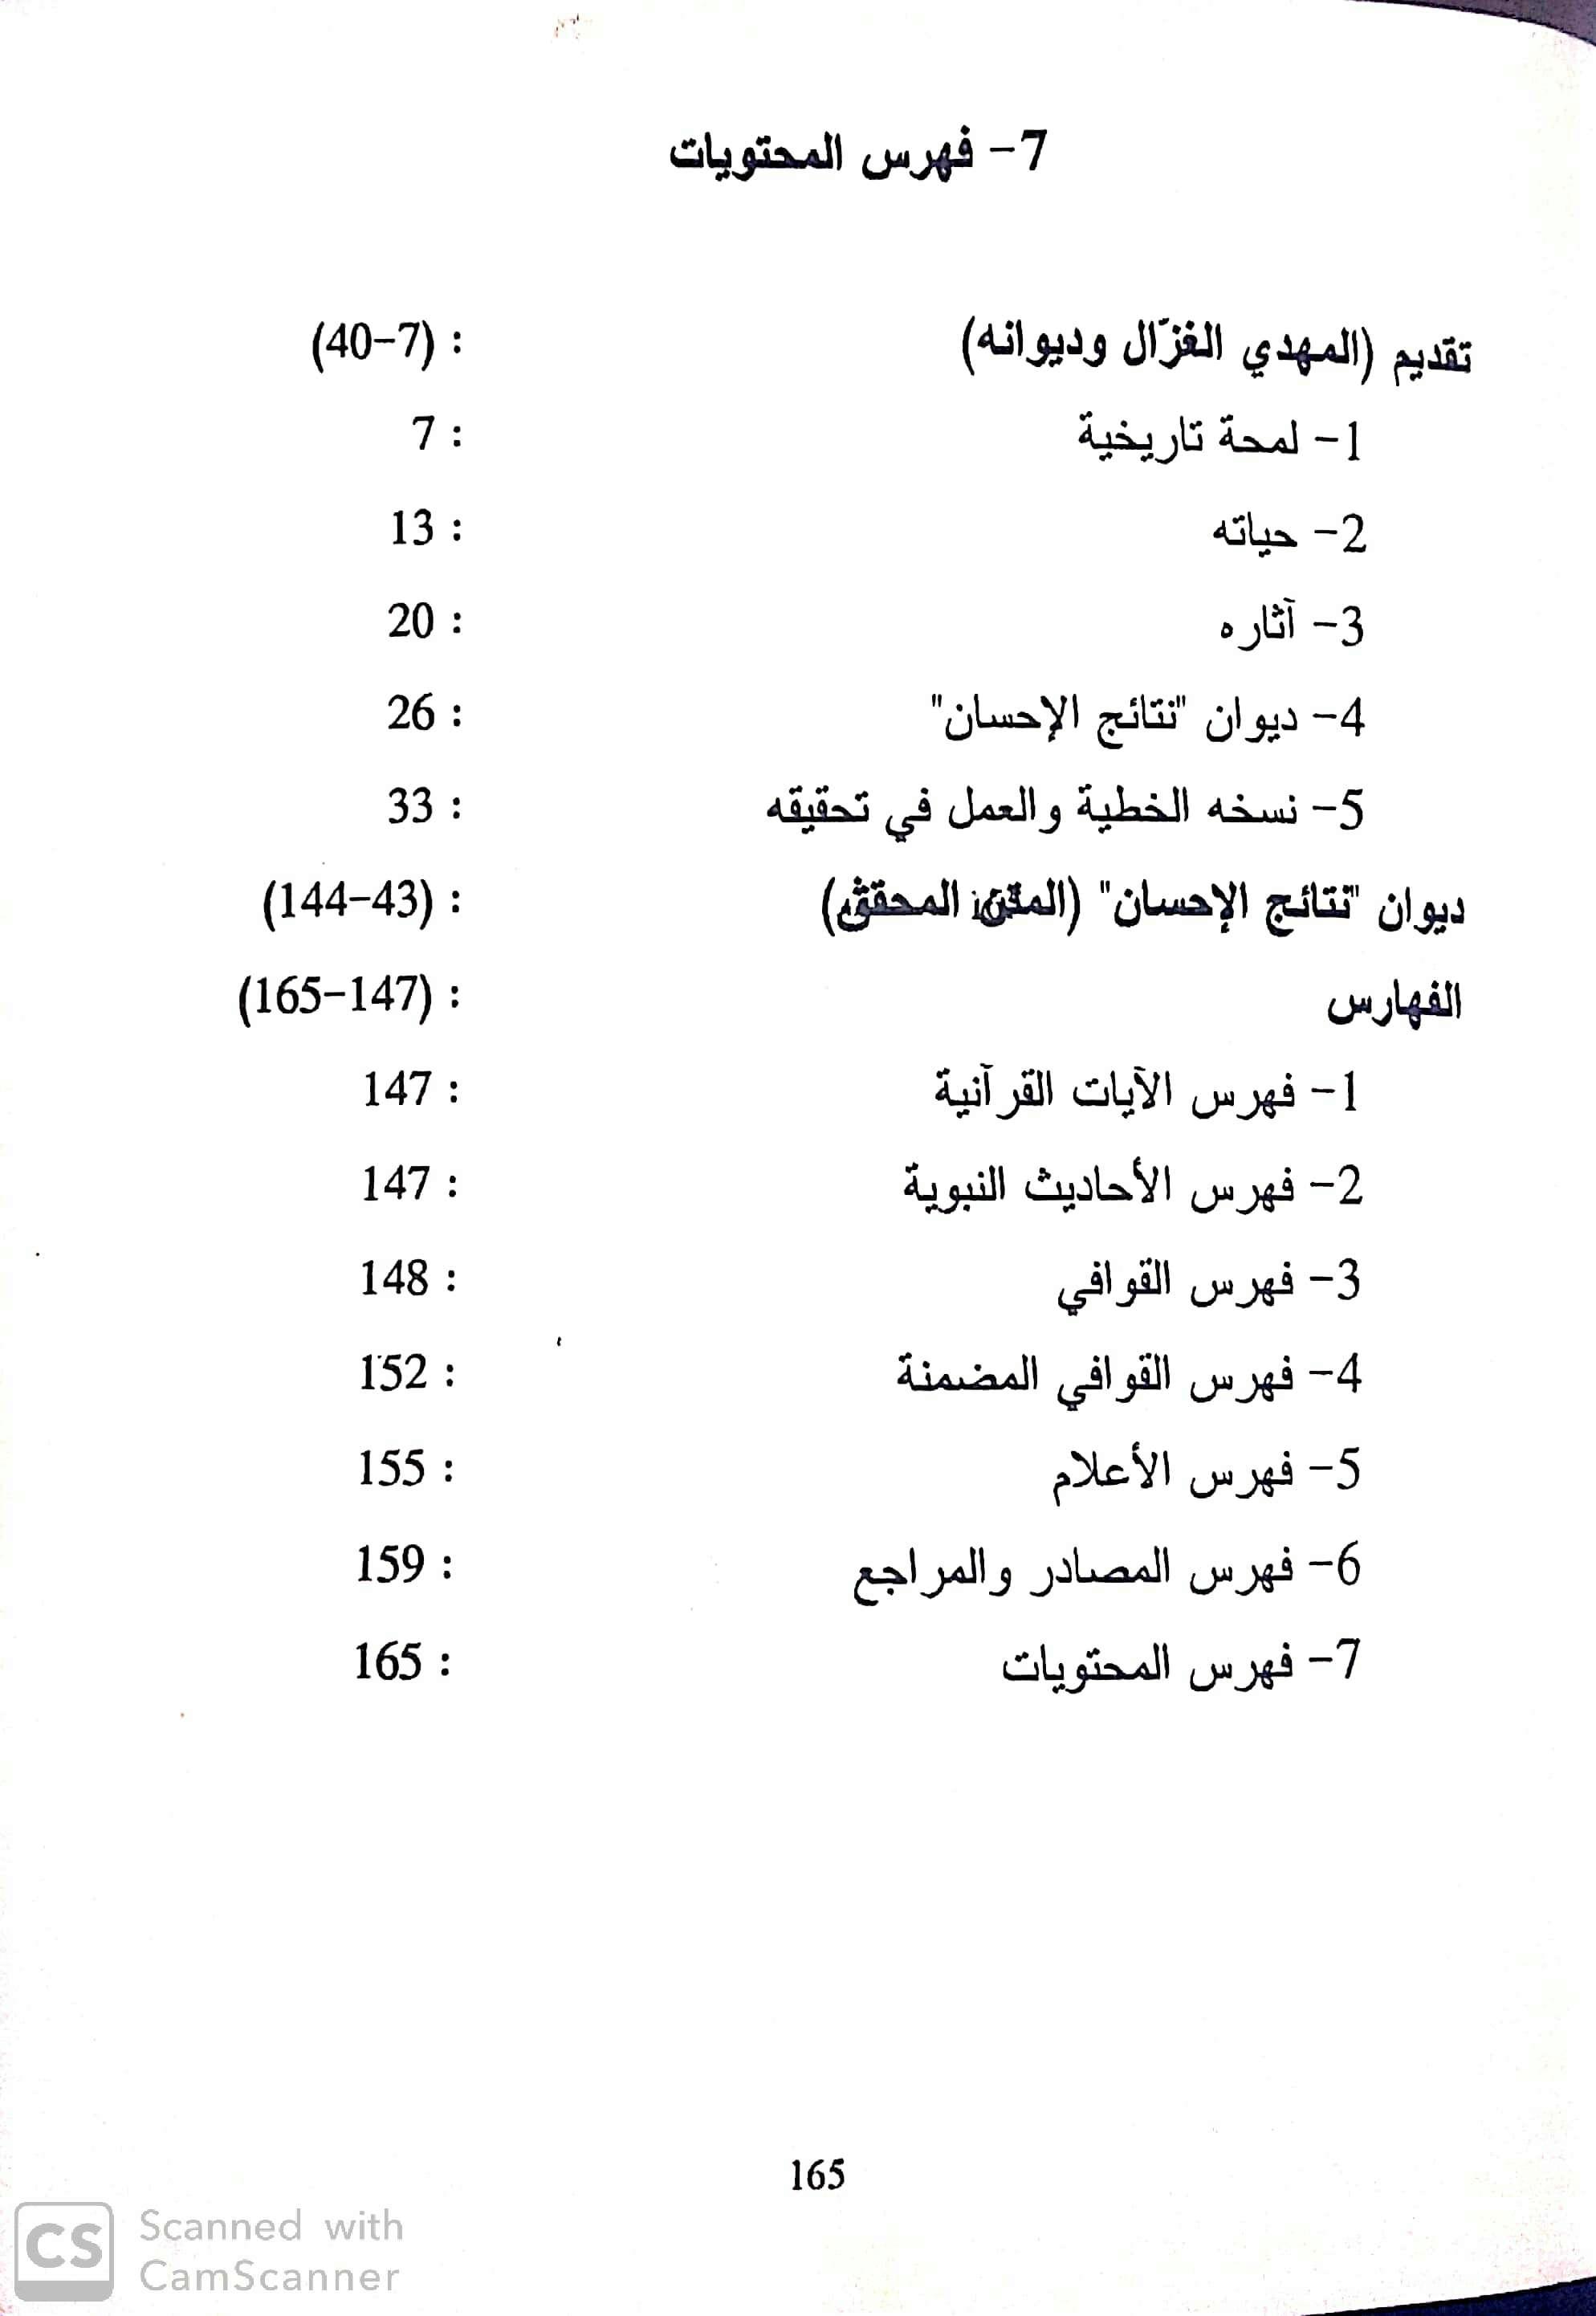 نتائج الإحسان ومناهج الصلات الحسان: ديوان في مدح قائد تطوان علي بن عبد الله الريفي